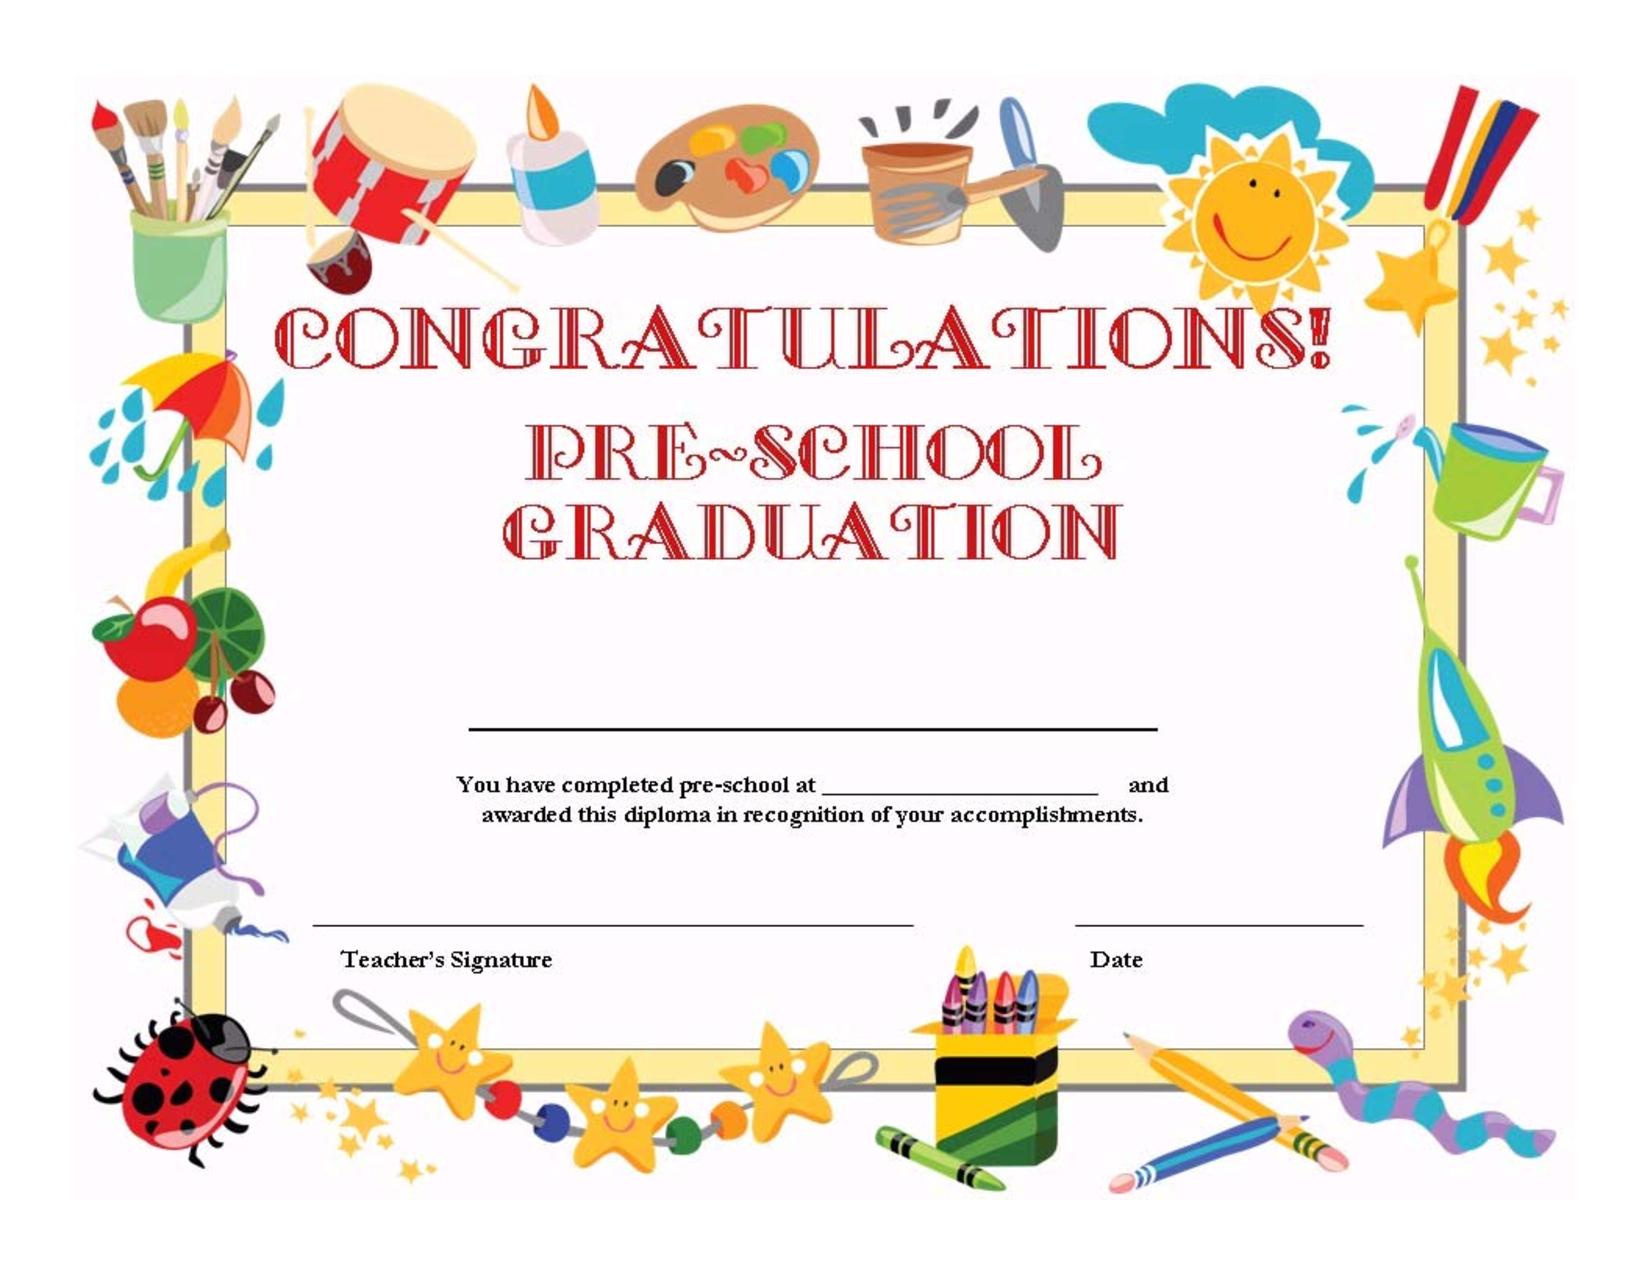 Preschool Graduation Certificate Template Free | K1,2,3 Graduation - Free Printable Children's Certificates Templates